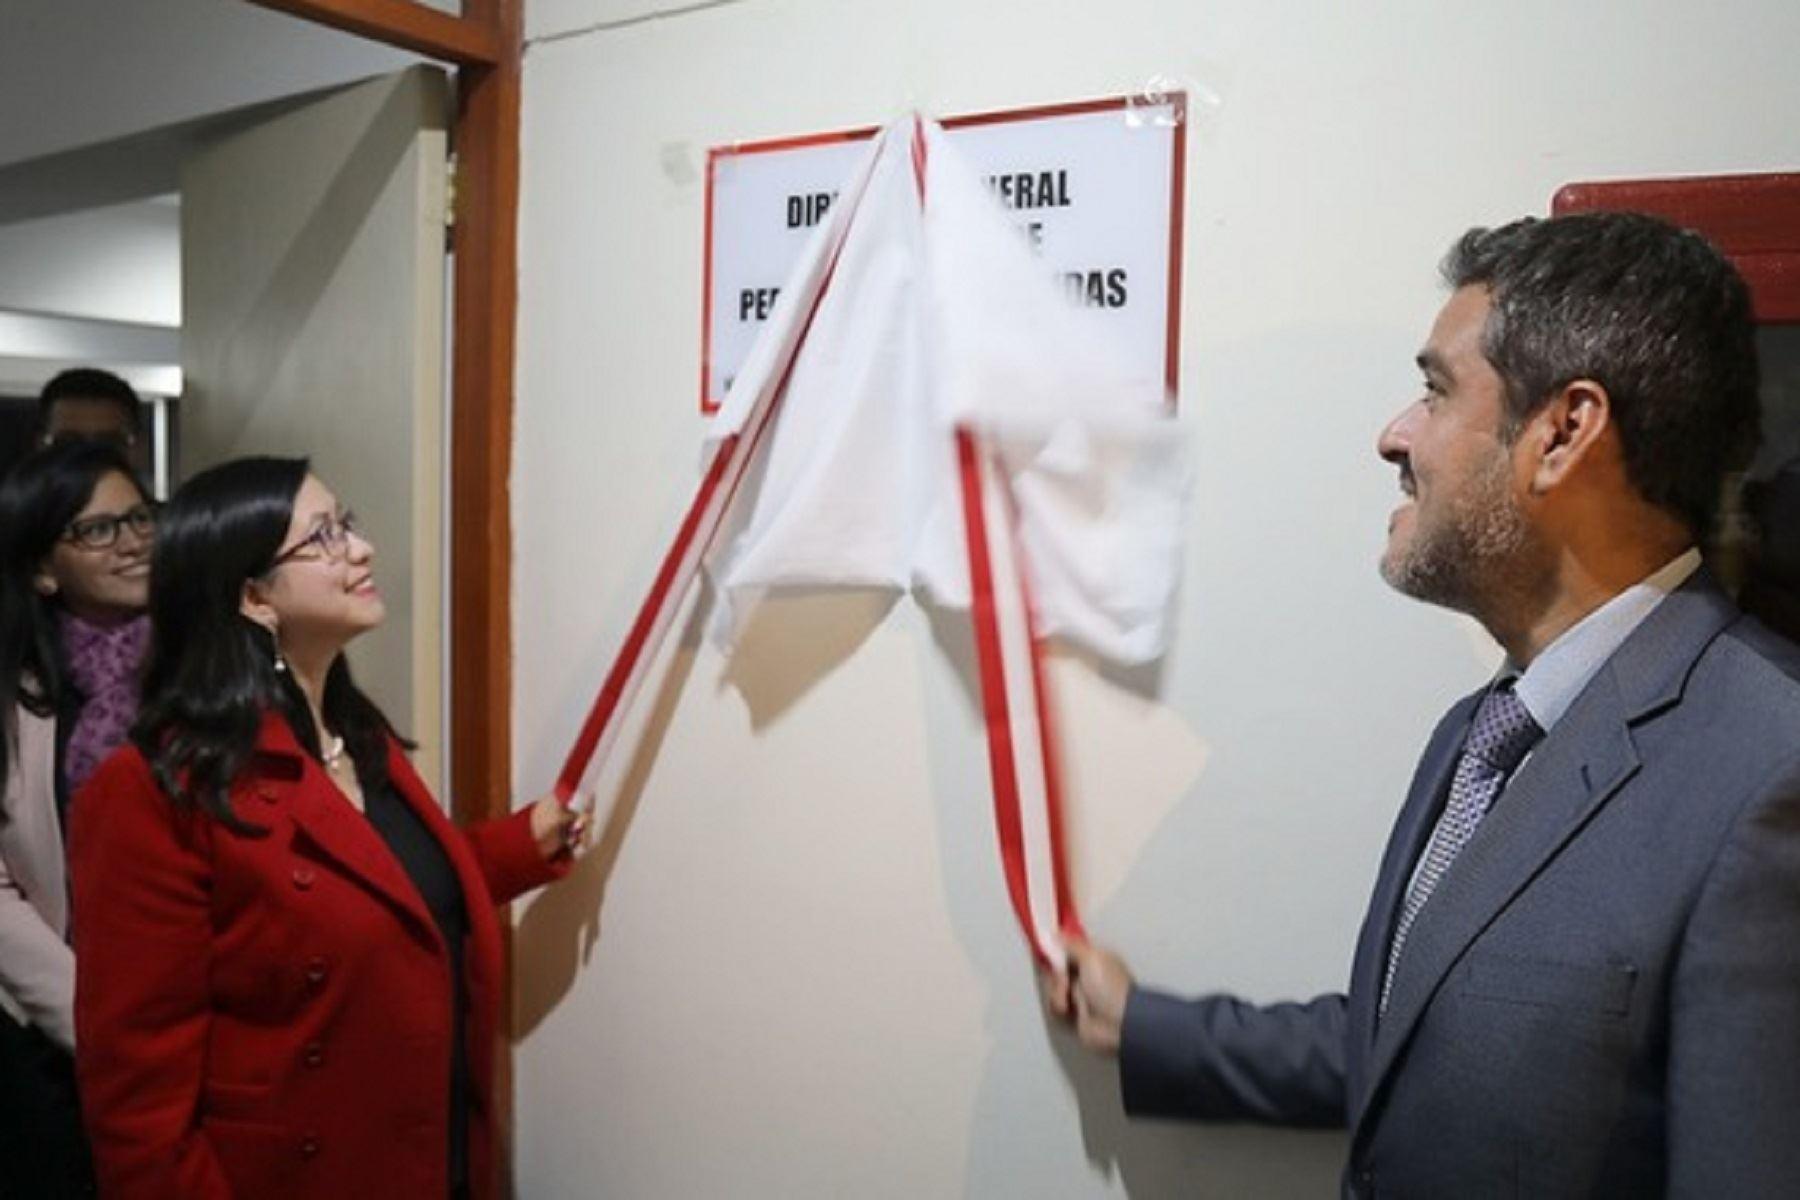 Viceministro de Justicia, Daniel Sánchez y la directora de la Dirección General de Búsqueda de Personas Desaparecidas, Mónica Barriga. Foto: Difusión.